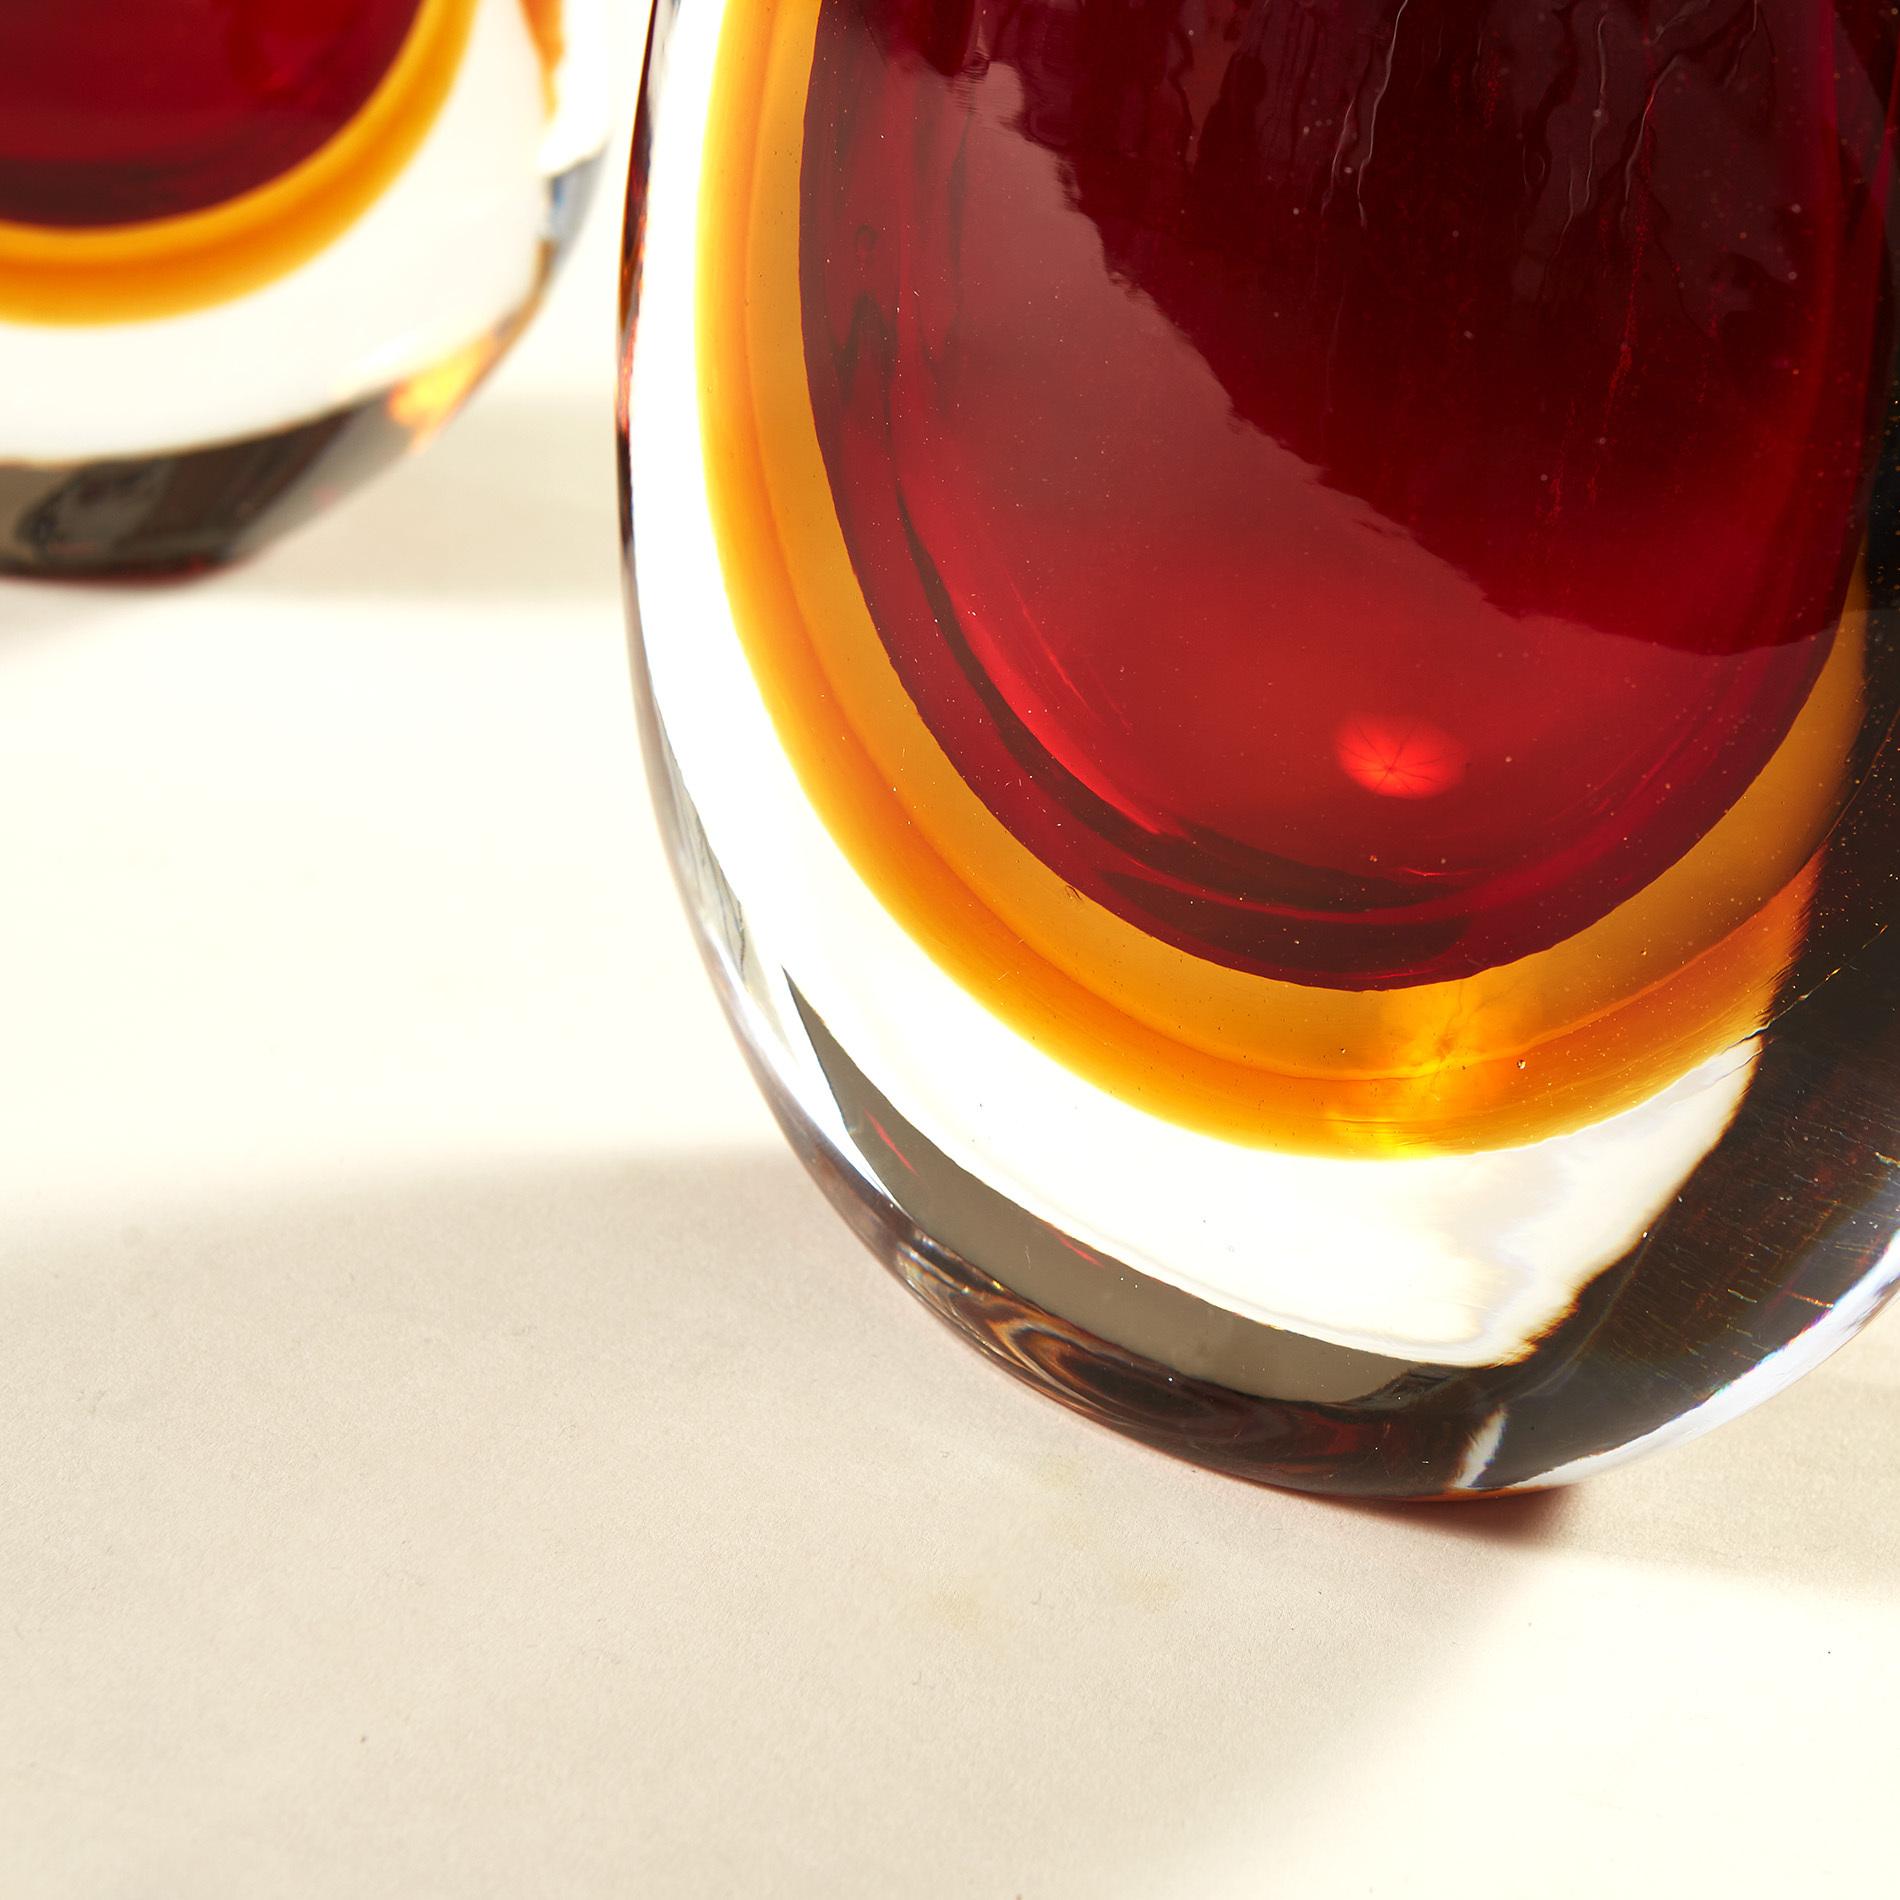 Red Perfume Bottles 20210427 Valerie Wade 4 0226 V1